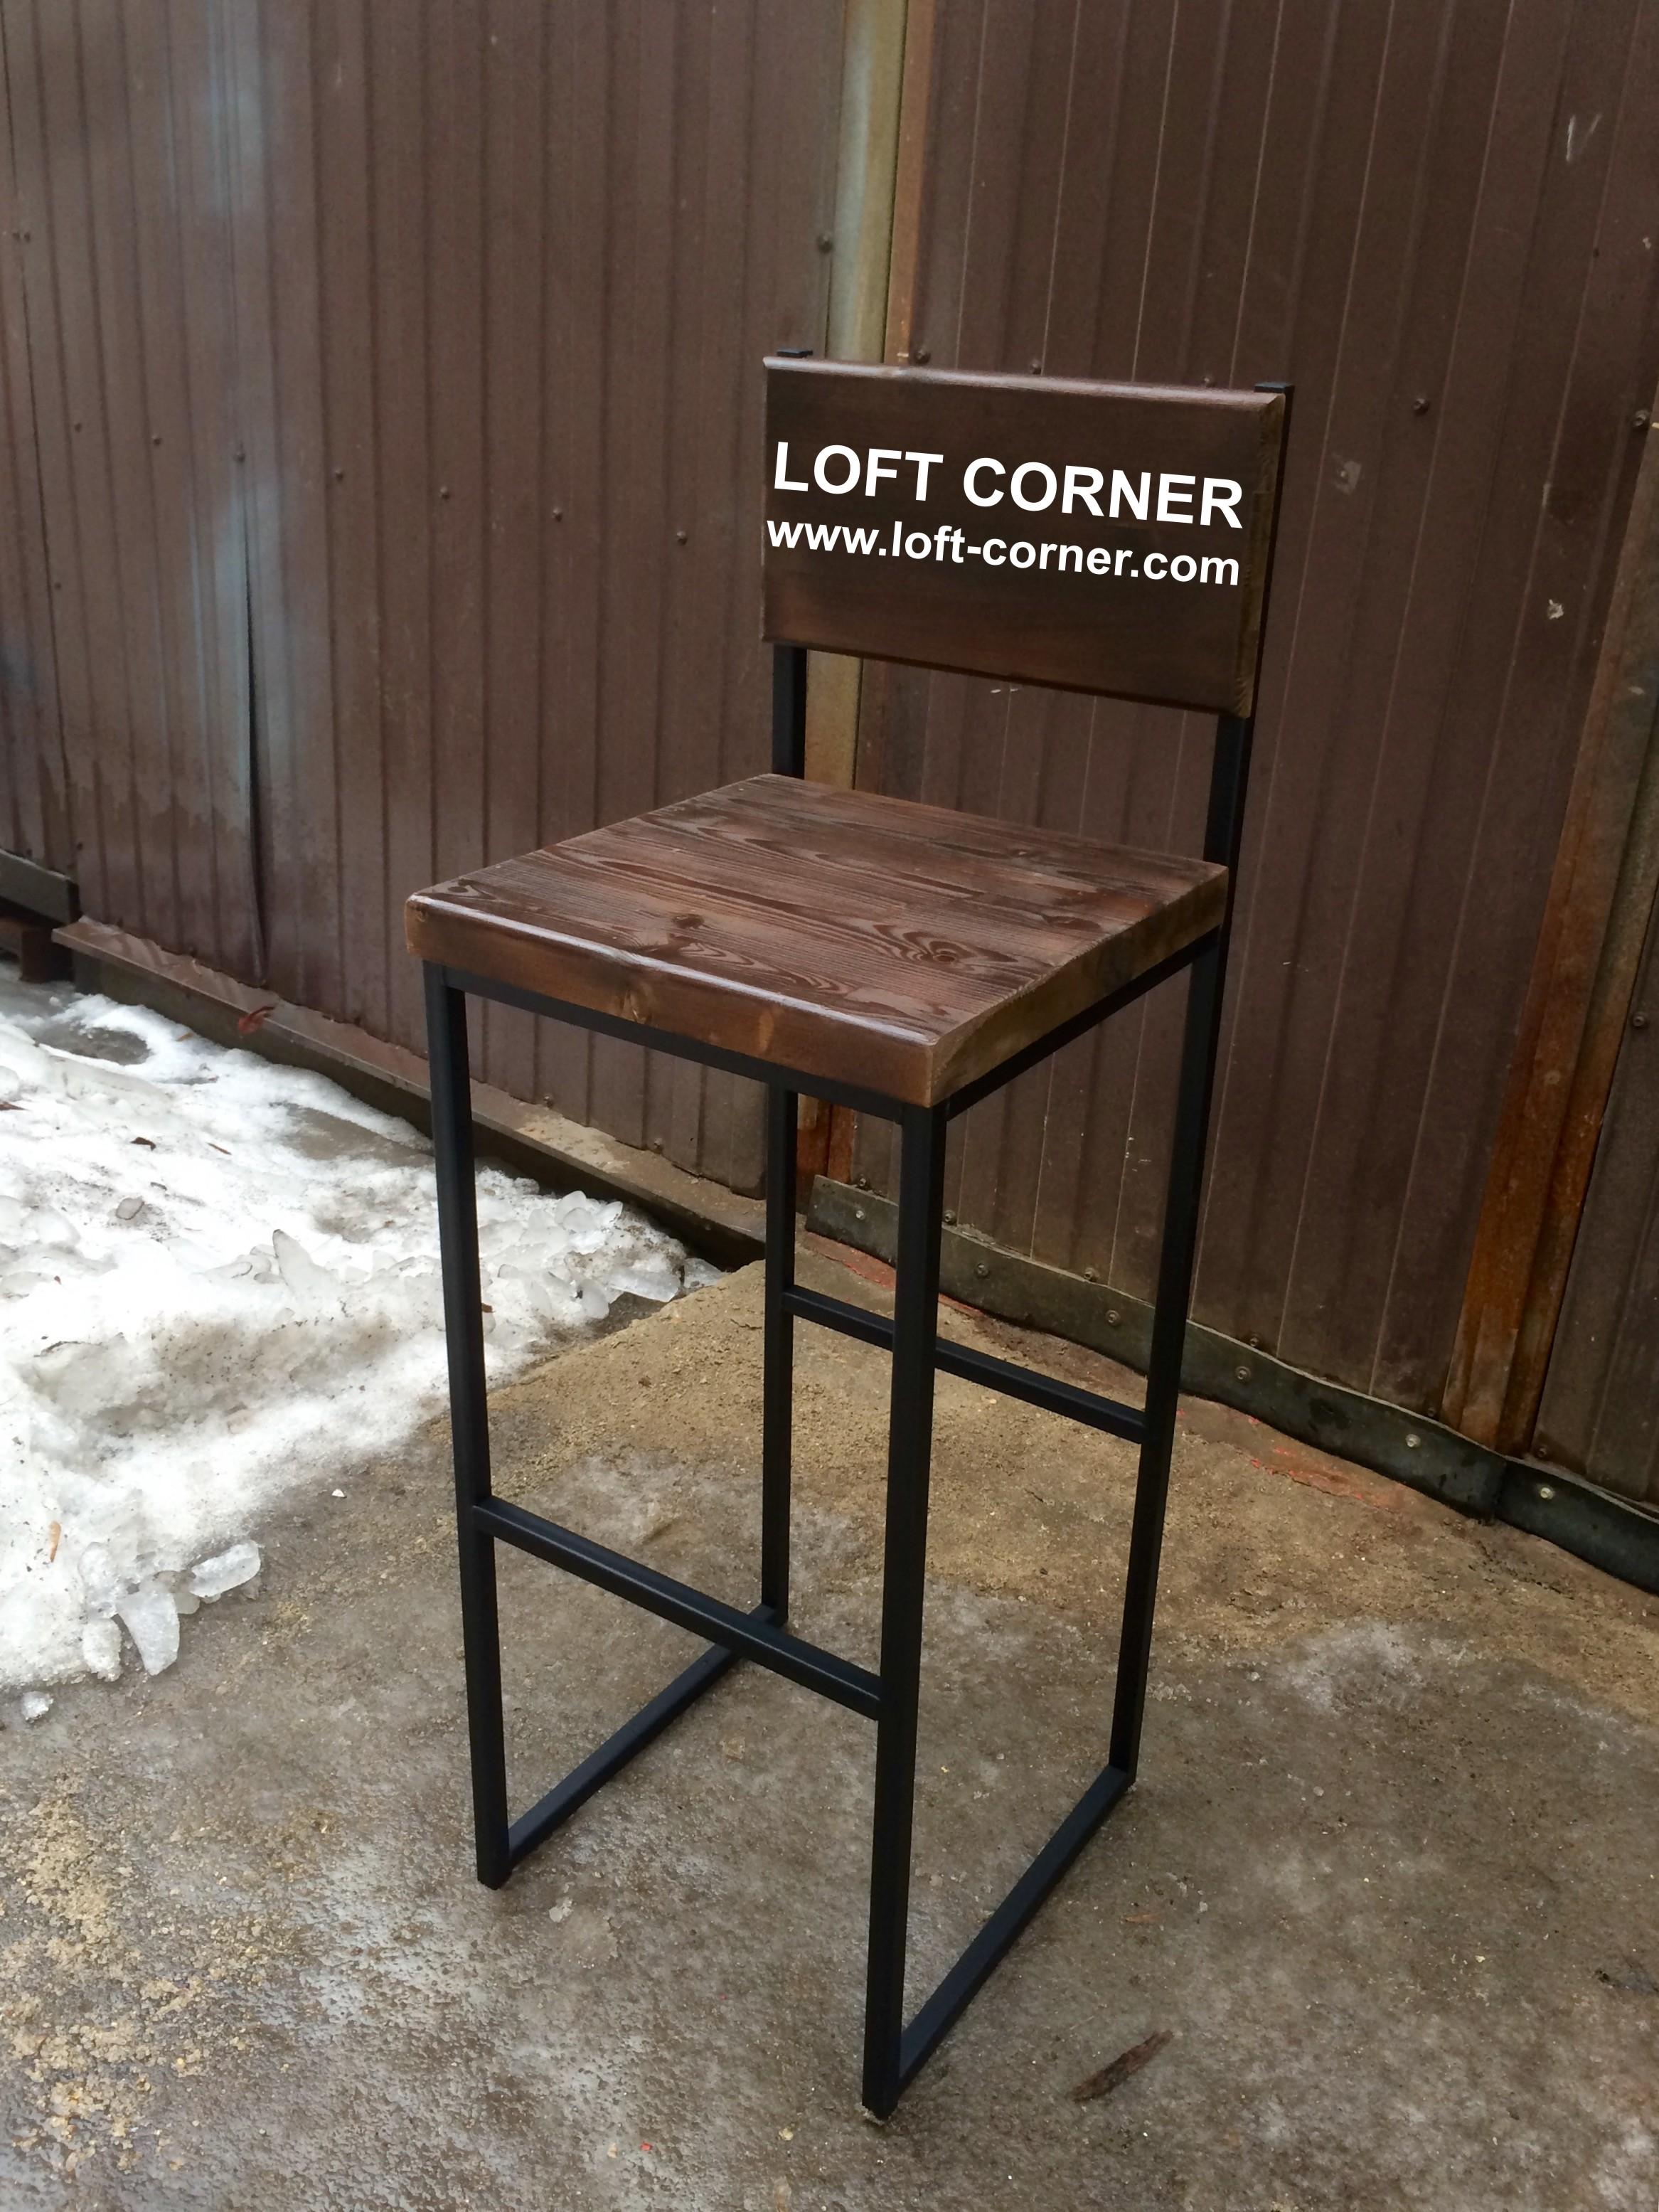 Барный стул со спинкой лофт, ресторанная мебель лофт, производство ресторанной мебели лофт, барный с